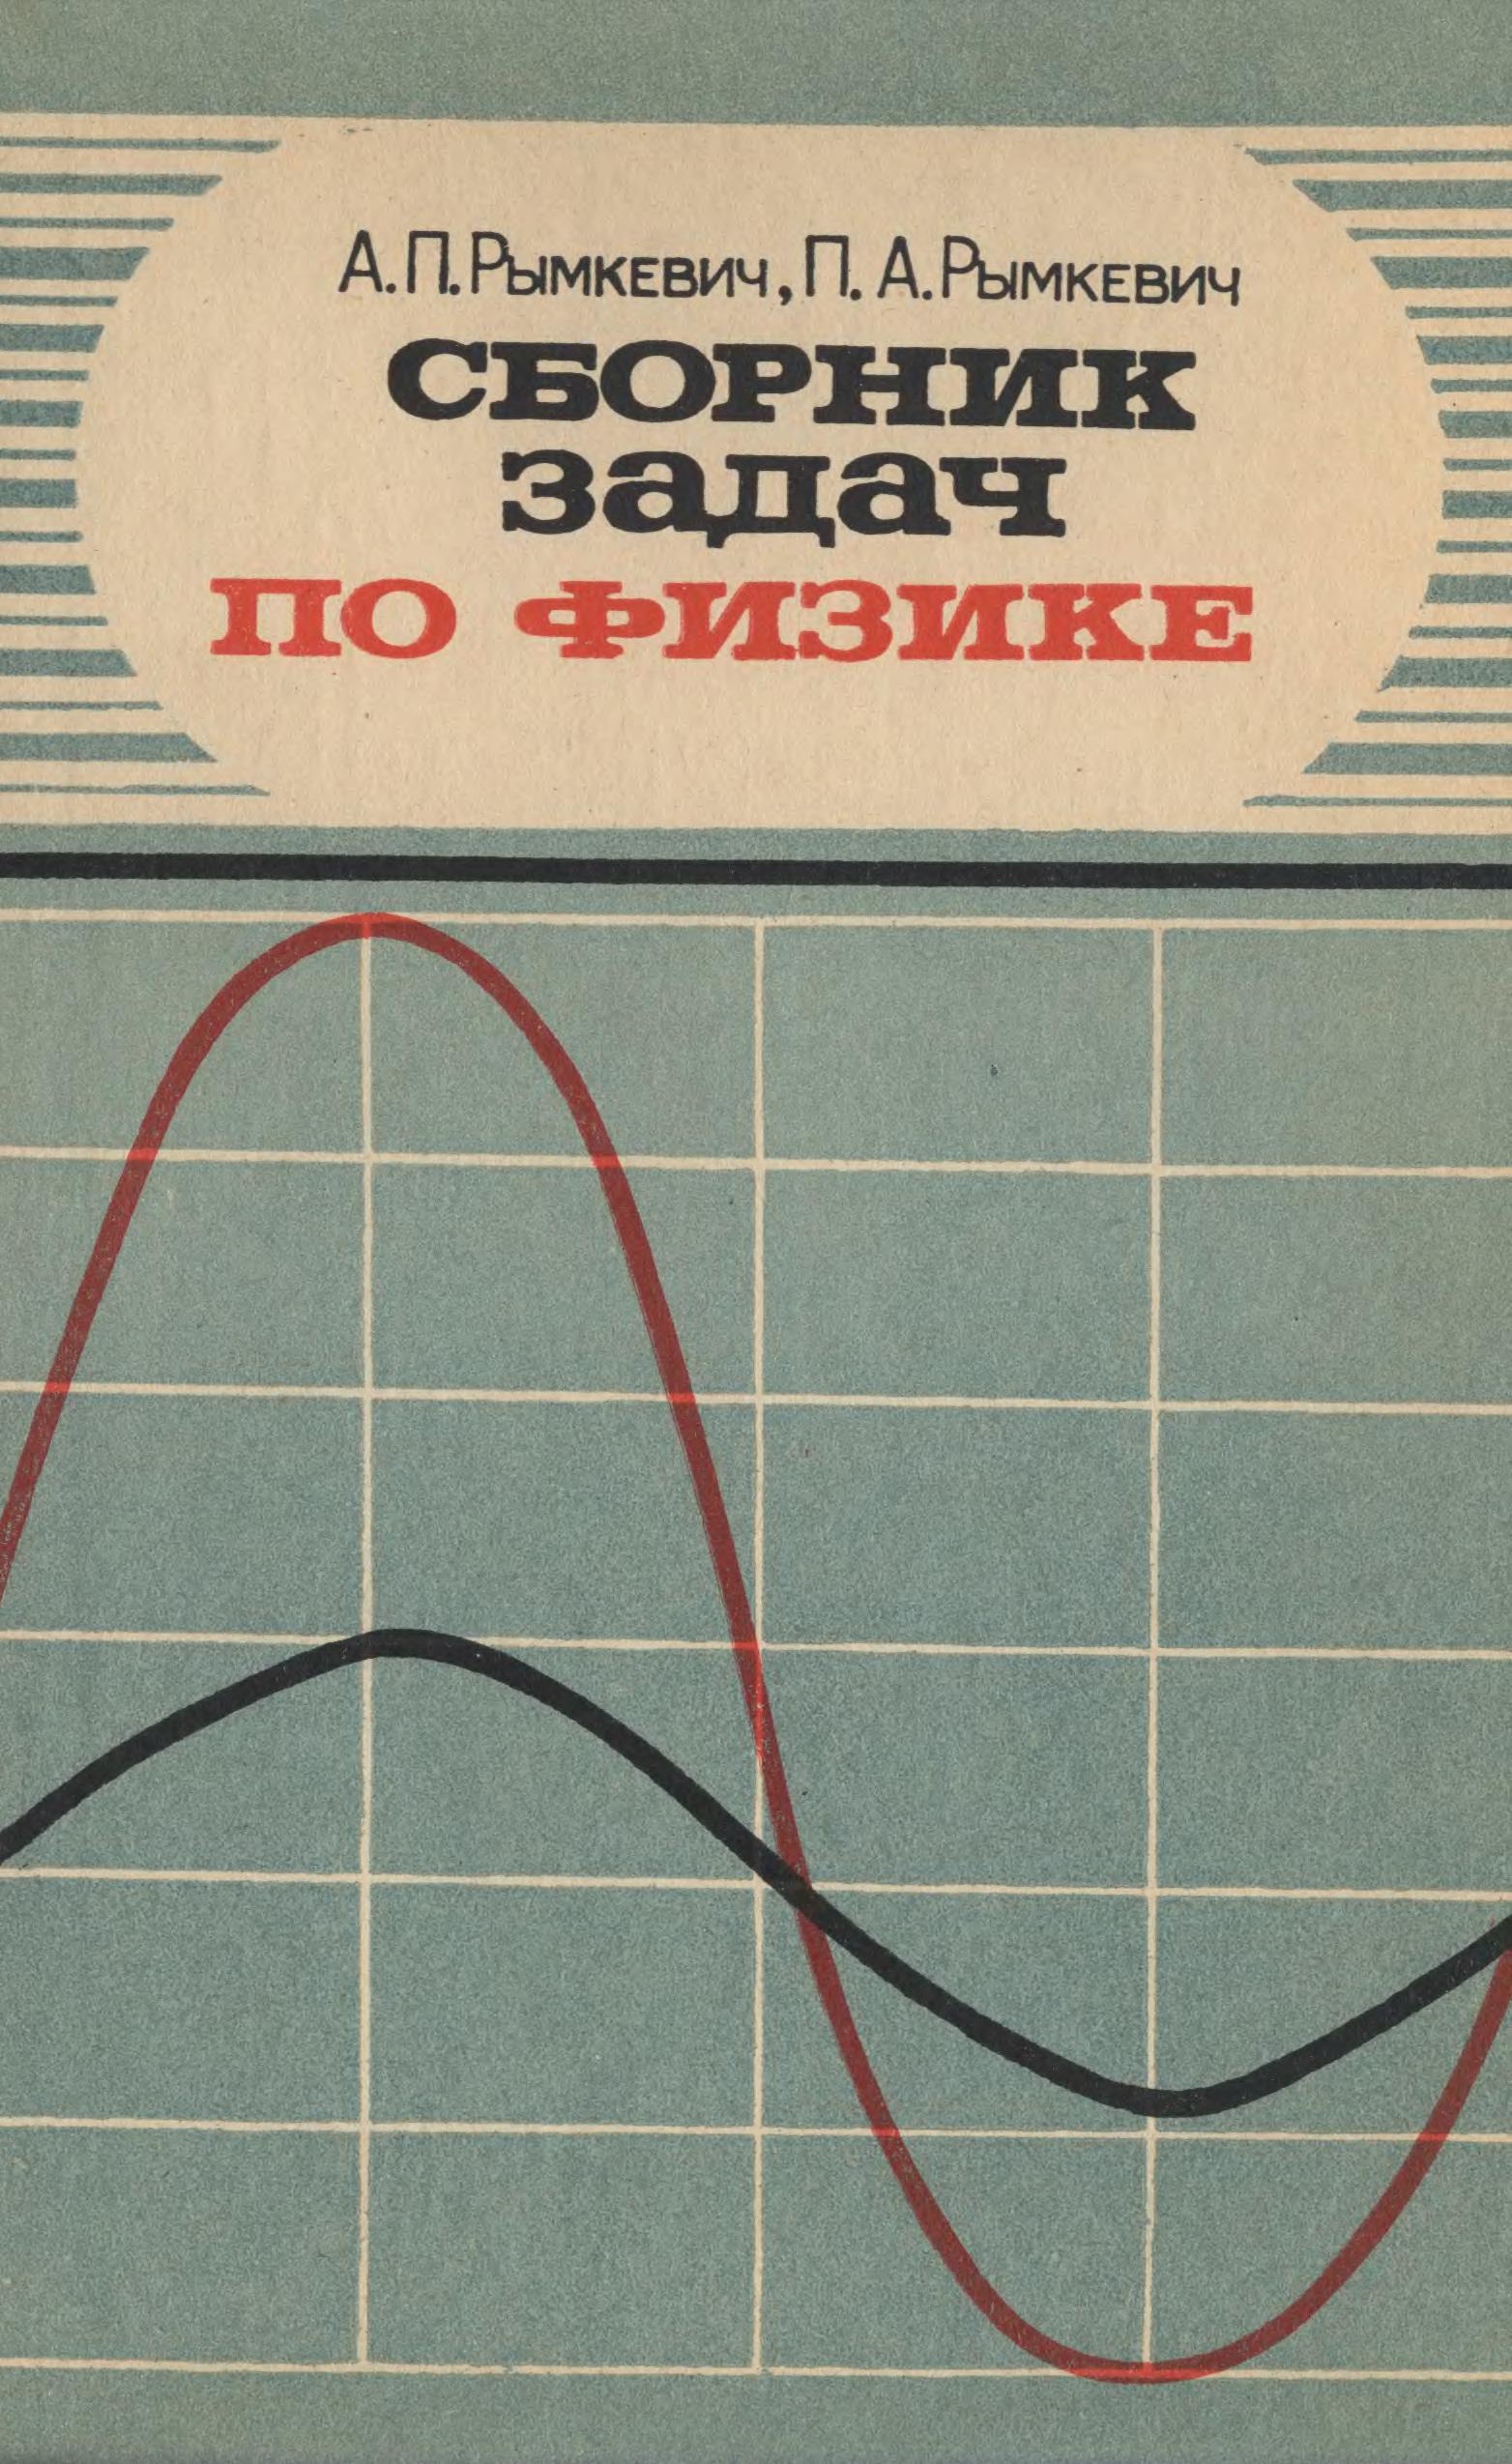 рымкевич сборника 8_10класс по гдз задач физике скачать